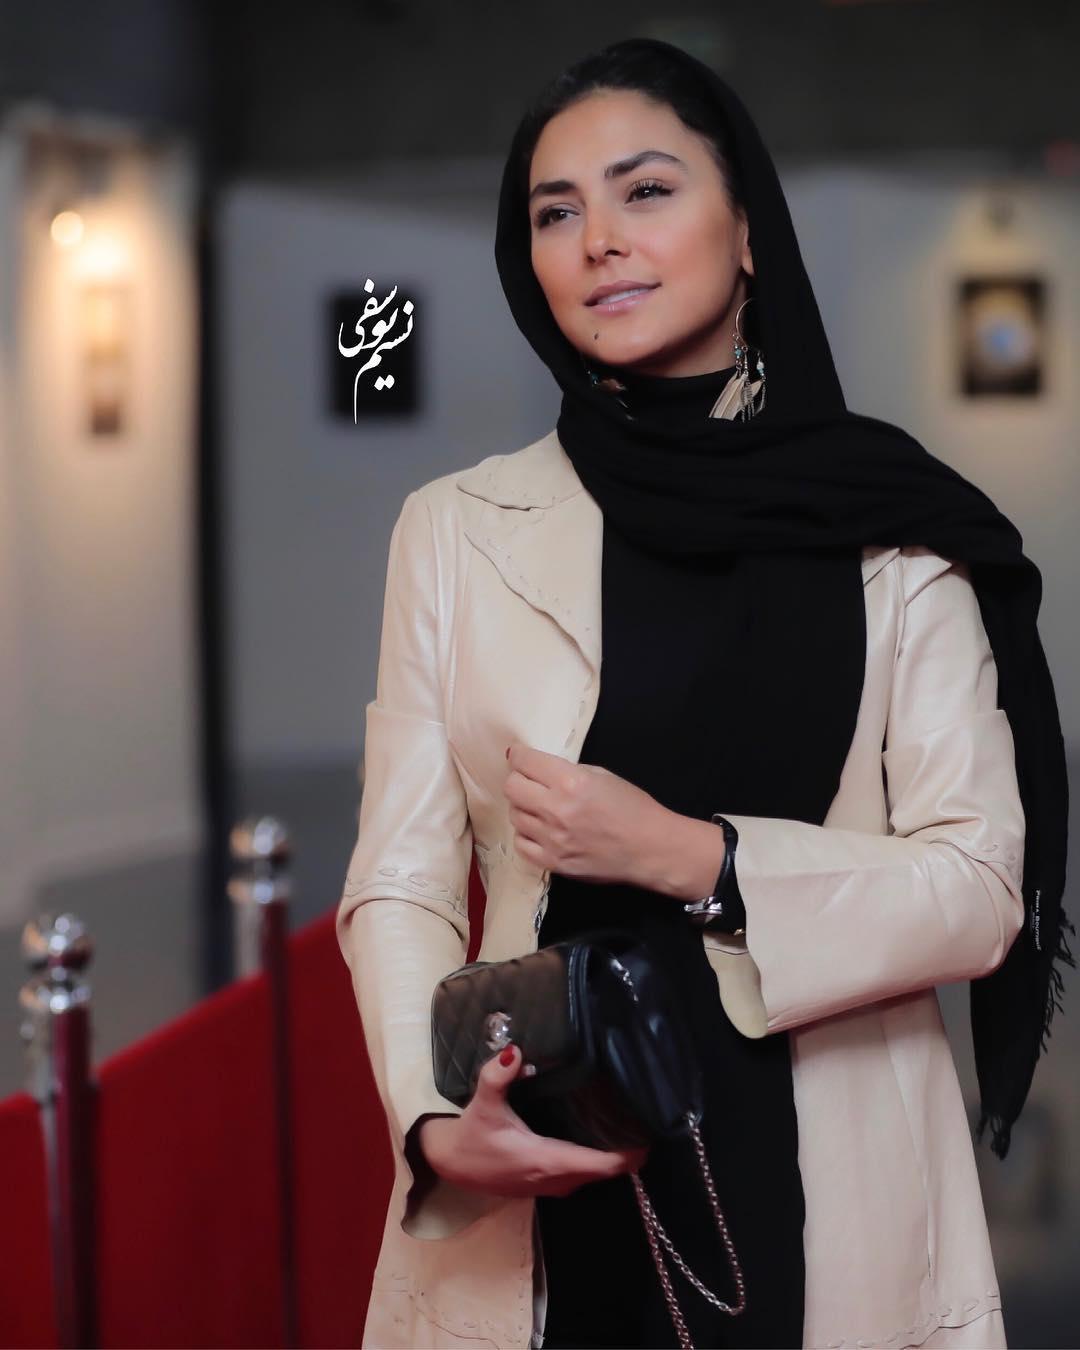 بهترین مدل های مانتو و استایل بازیگران زن ایرانی